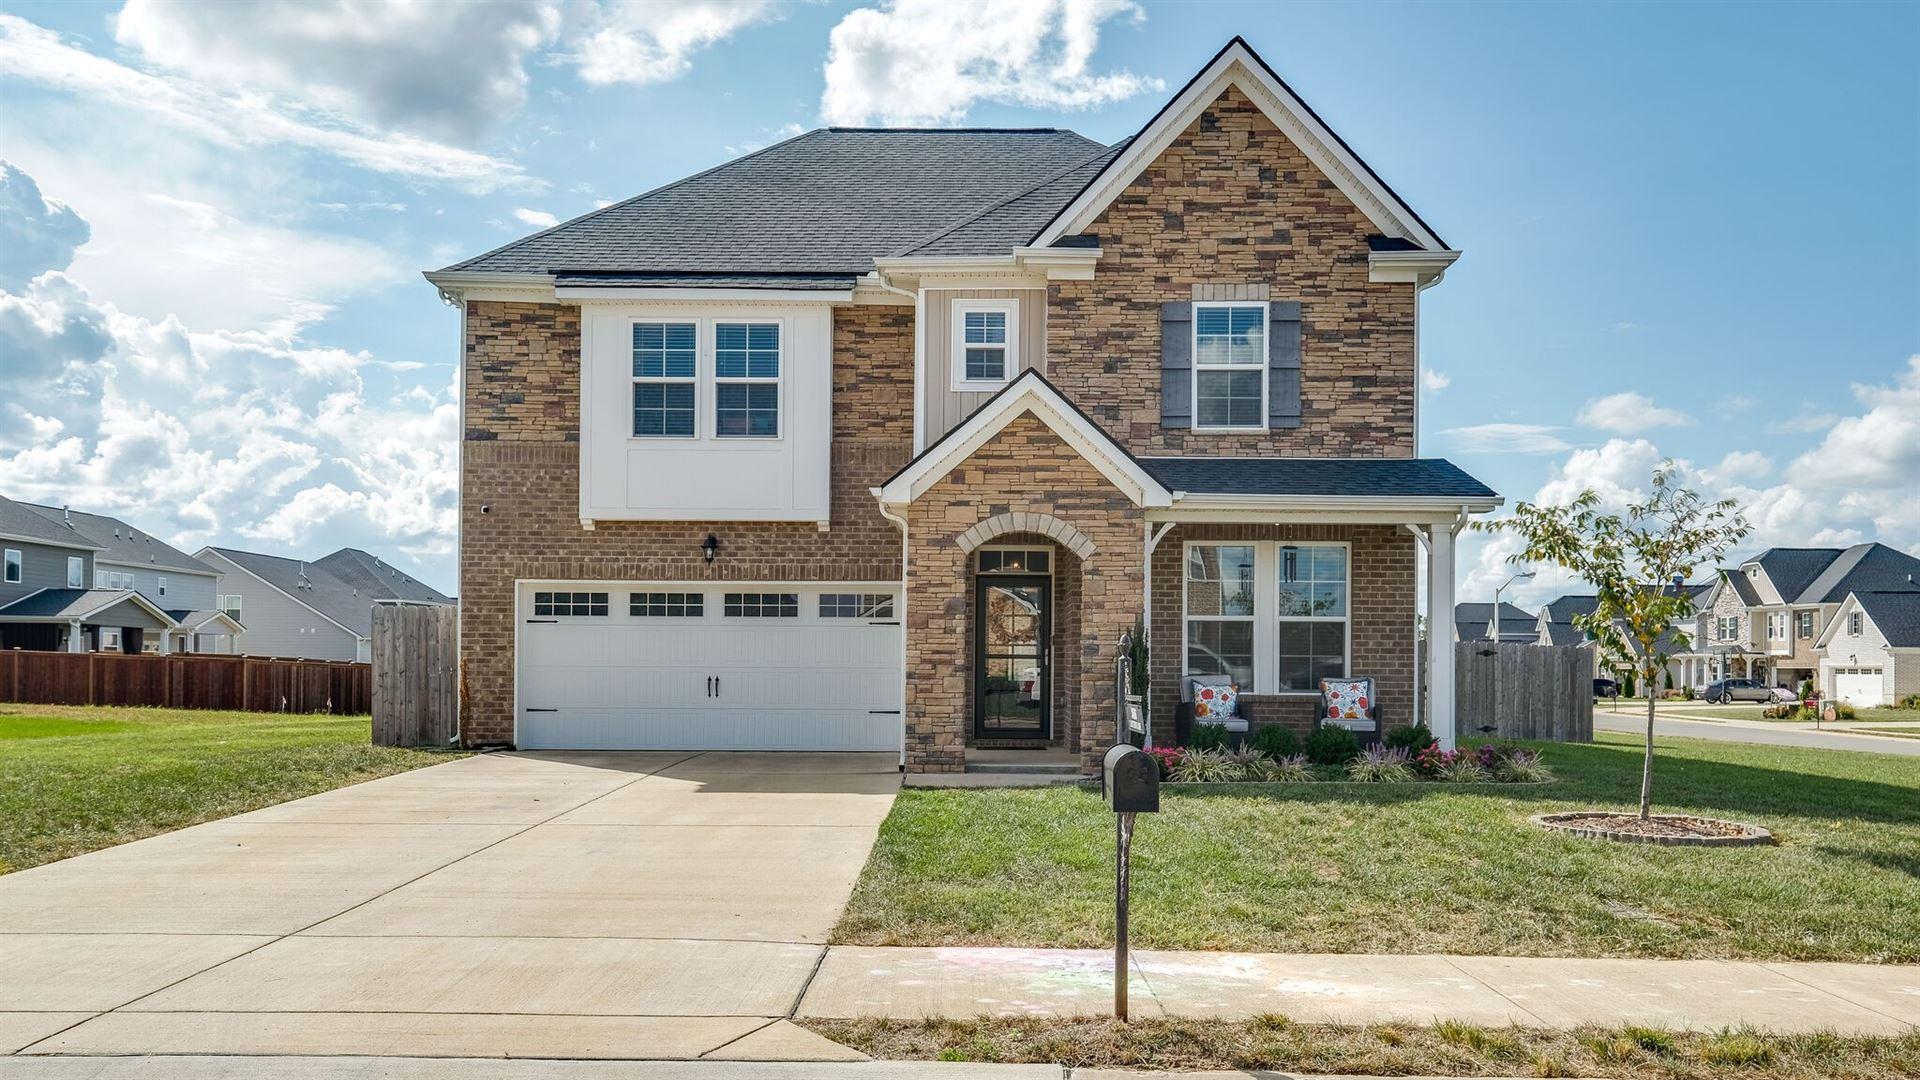 3606 Lantern Lane, Murfreesboro, TN 37128 - MLS#: 2290468